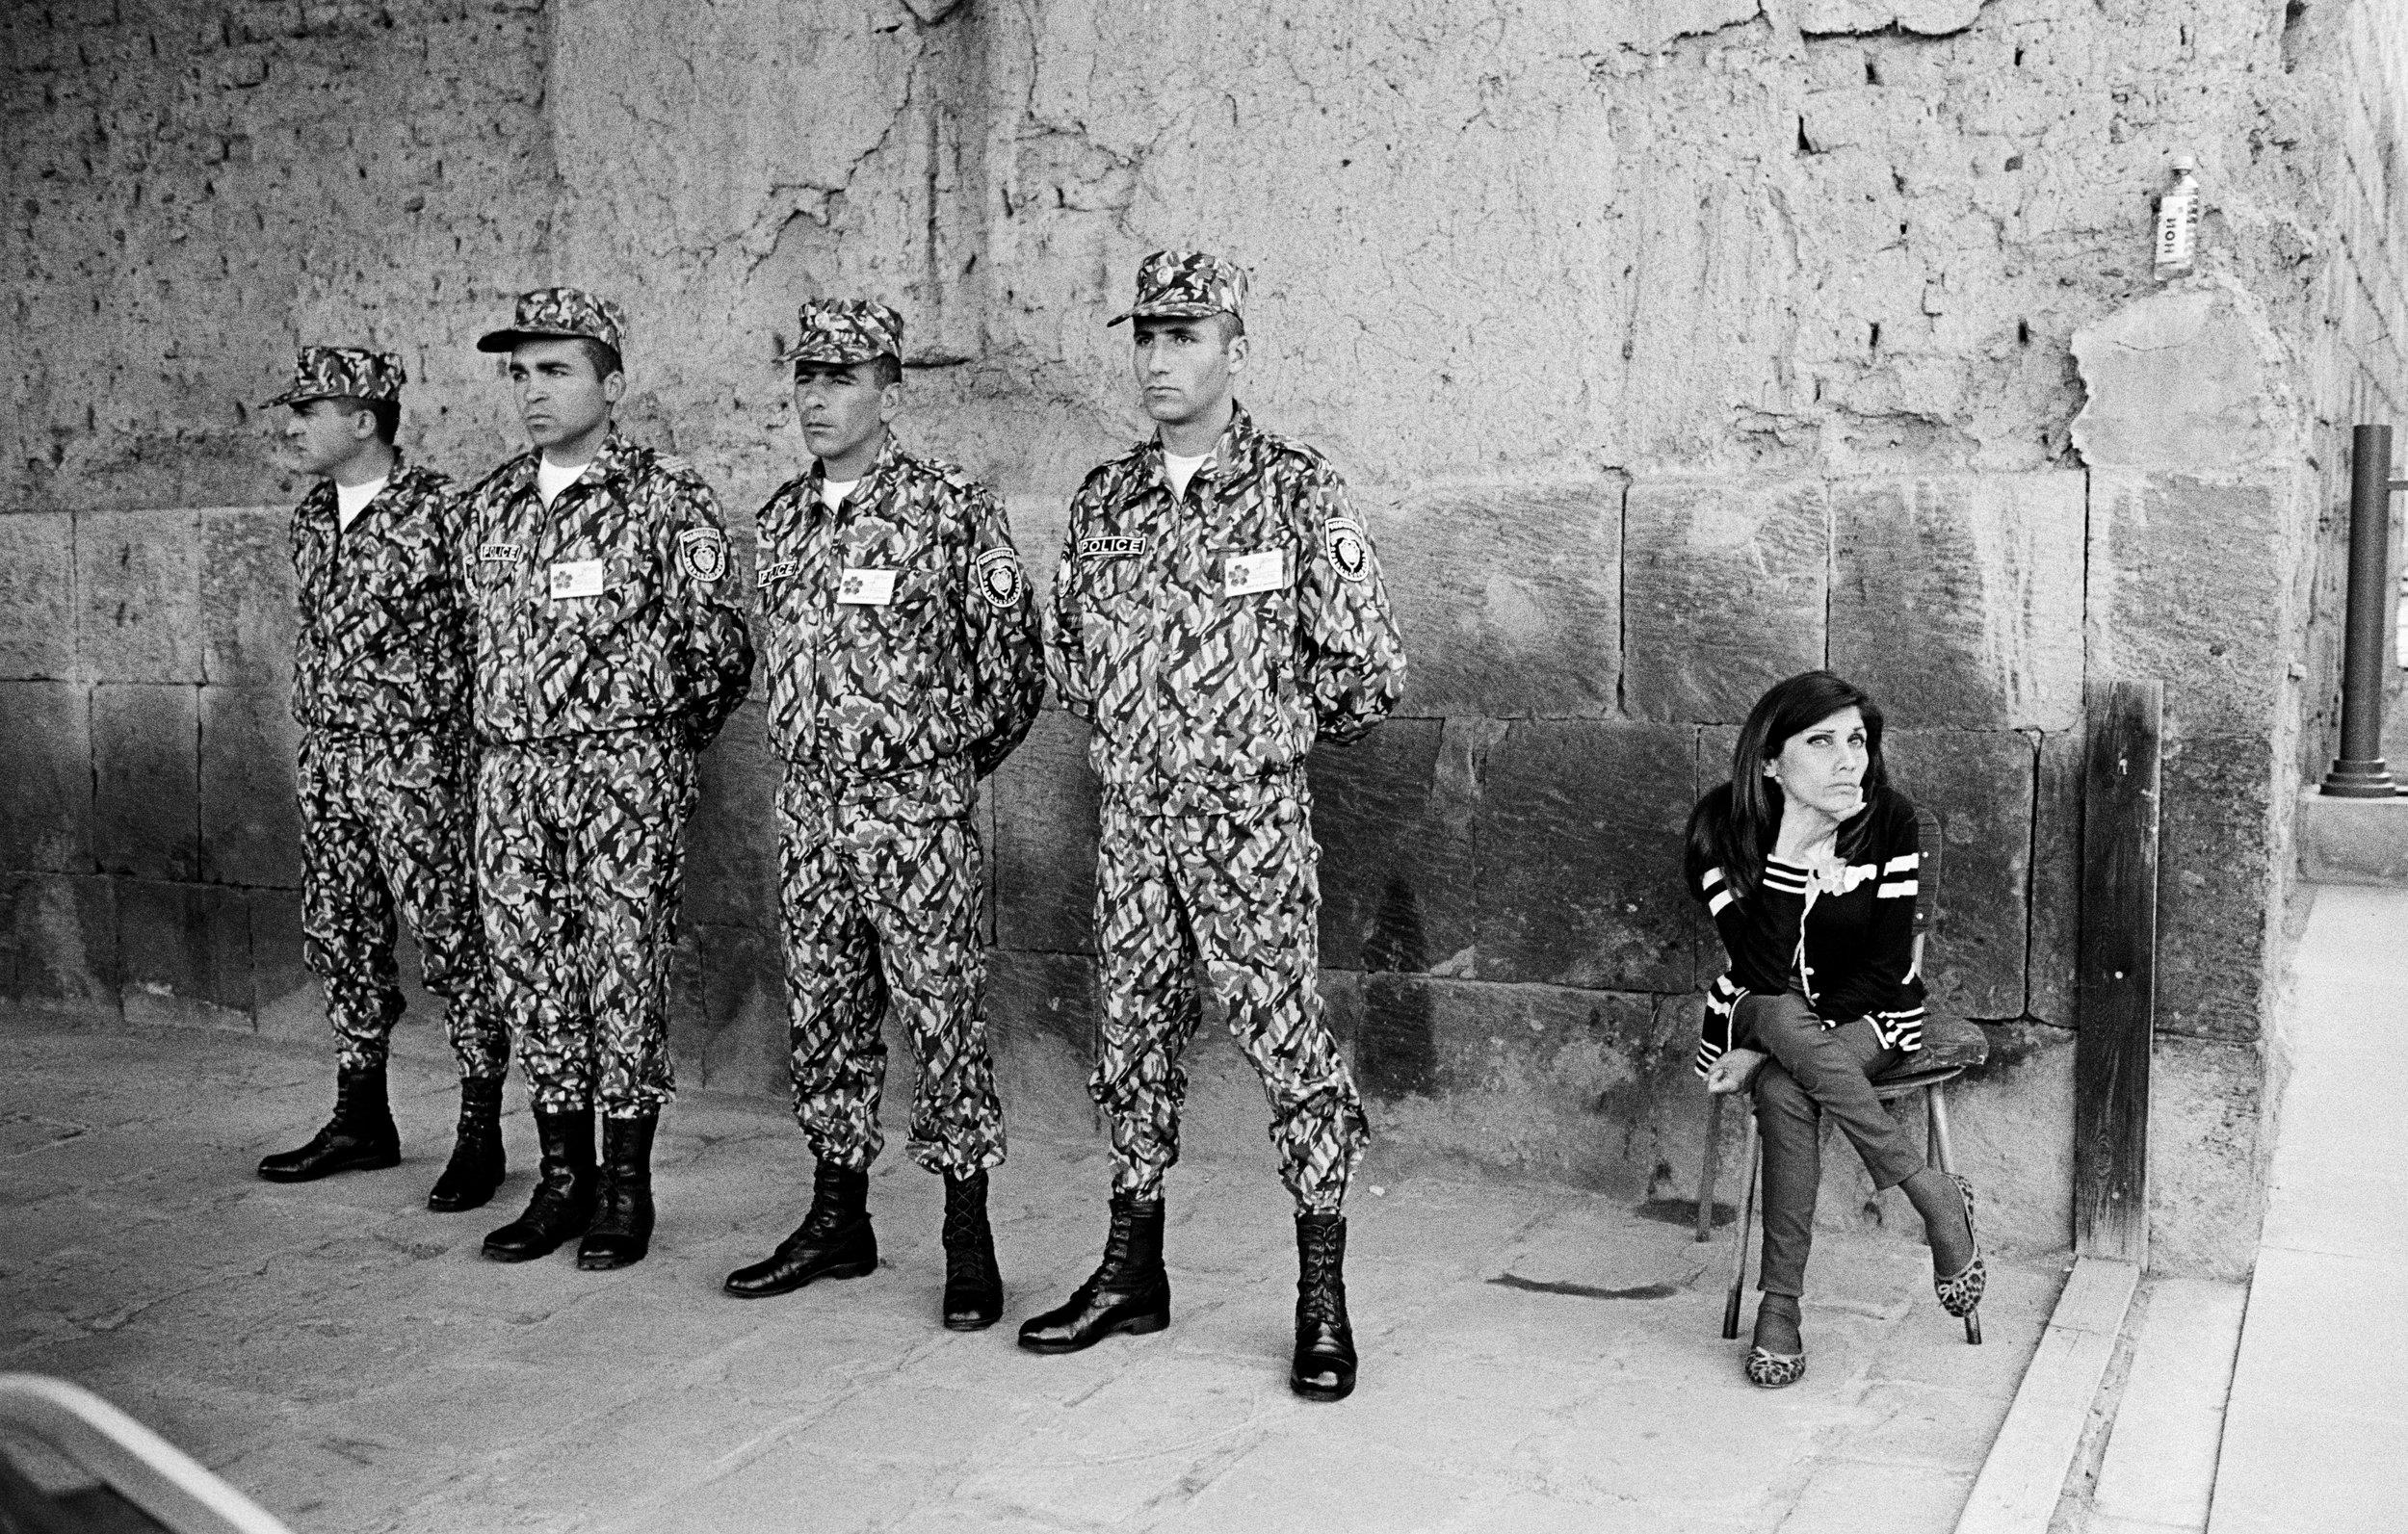 Matthieu Chazal -  Commémoration du centenaire du génocide arménien  - Echmiadzine, Arménie -   Chroniques d'Orient 2019